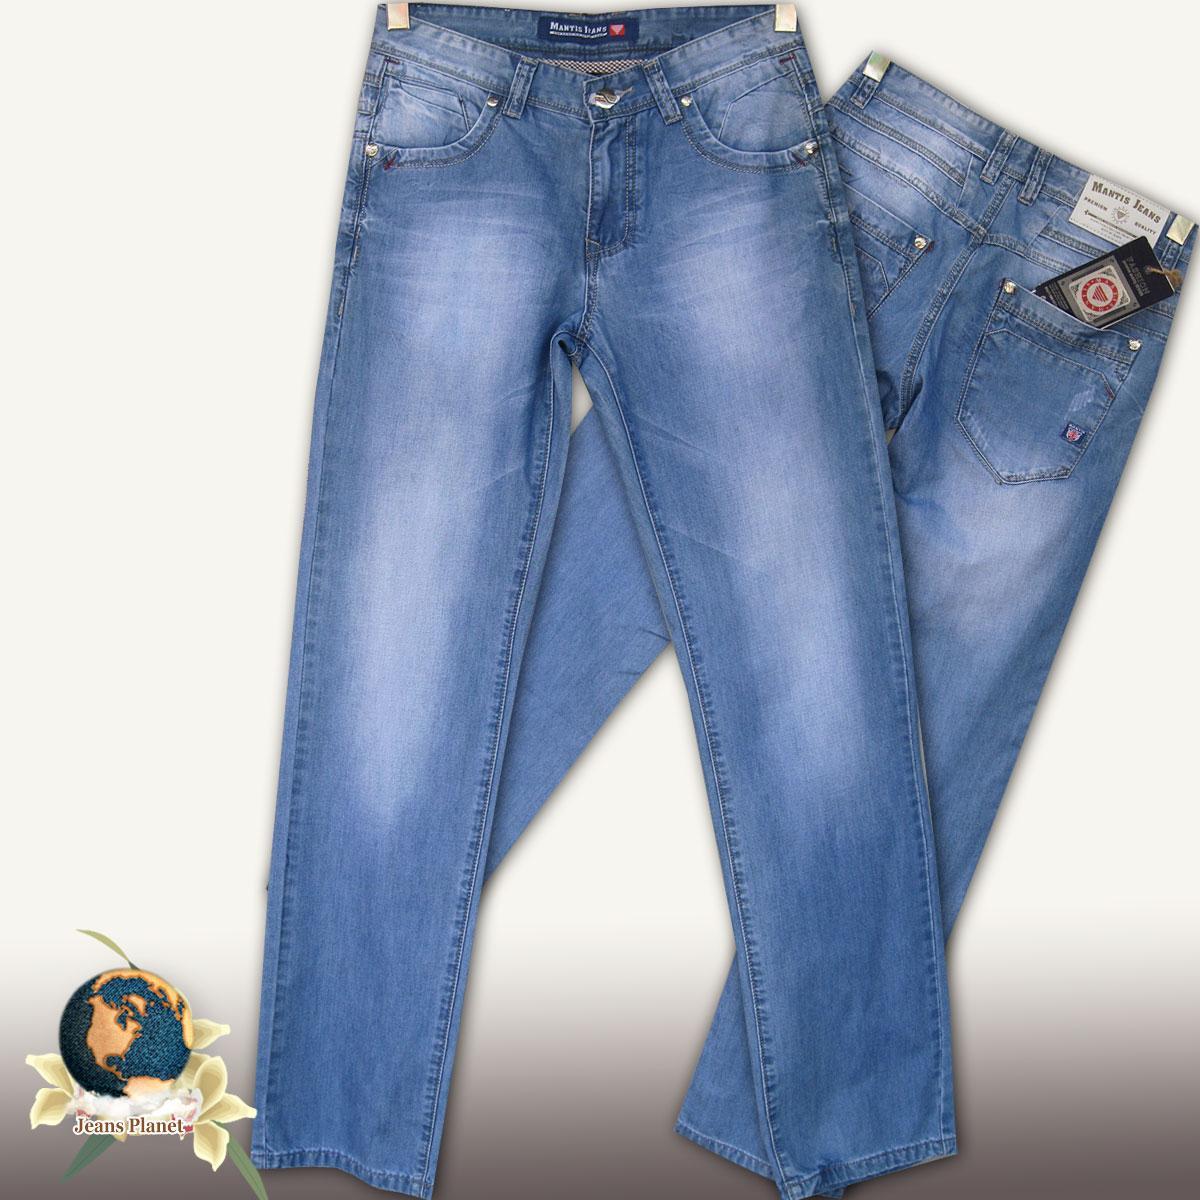 Джинси чоловічі класичні літні Mantis Jeans блакитного кольору